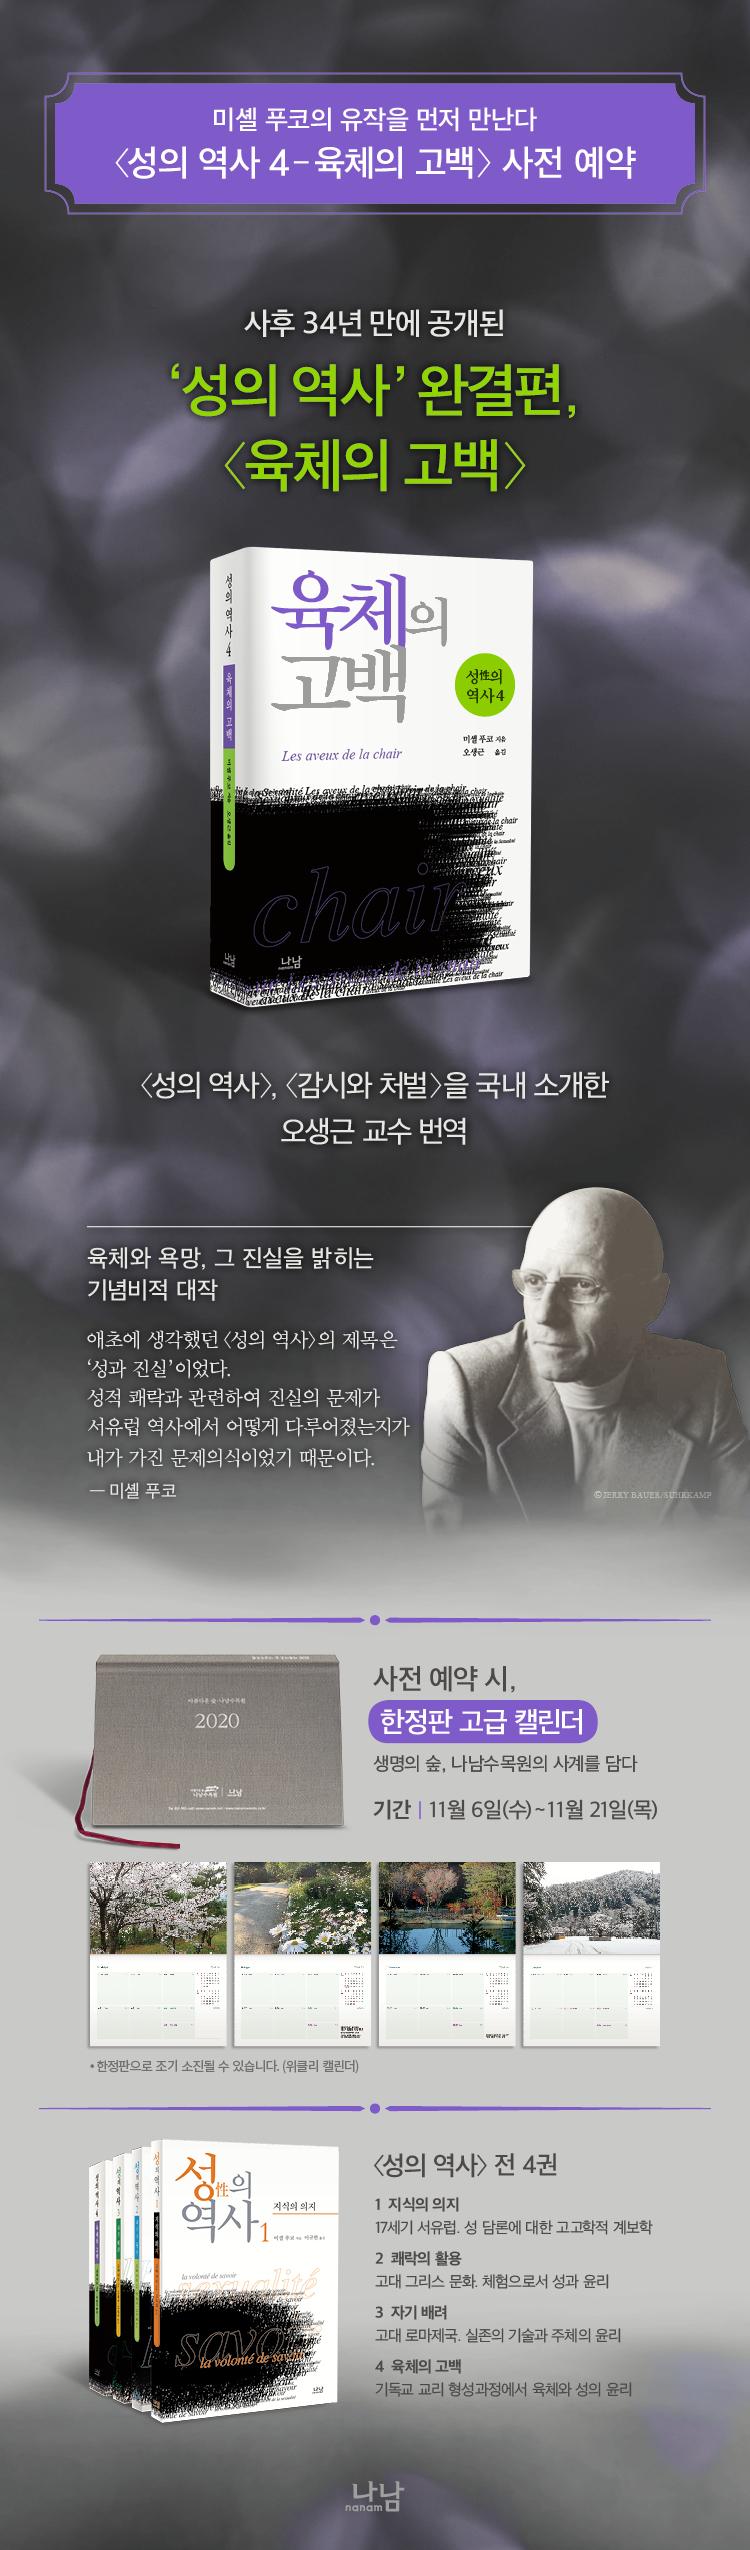 홈페이지용 웹페이지-성의역사4권(750px).jpg